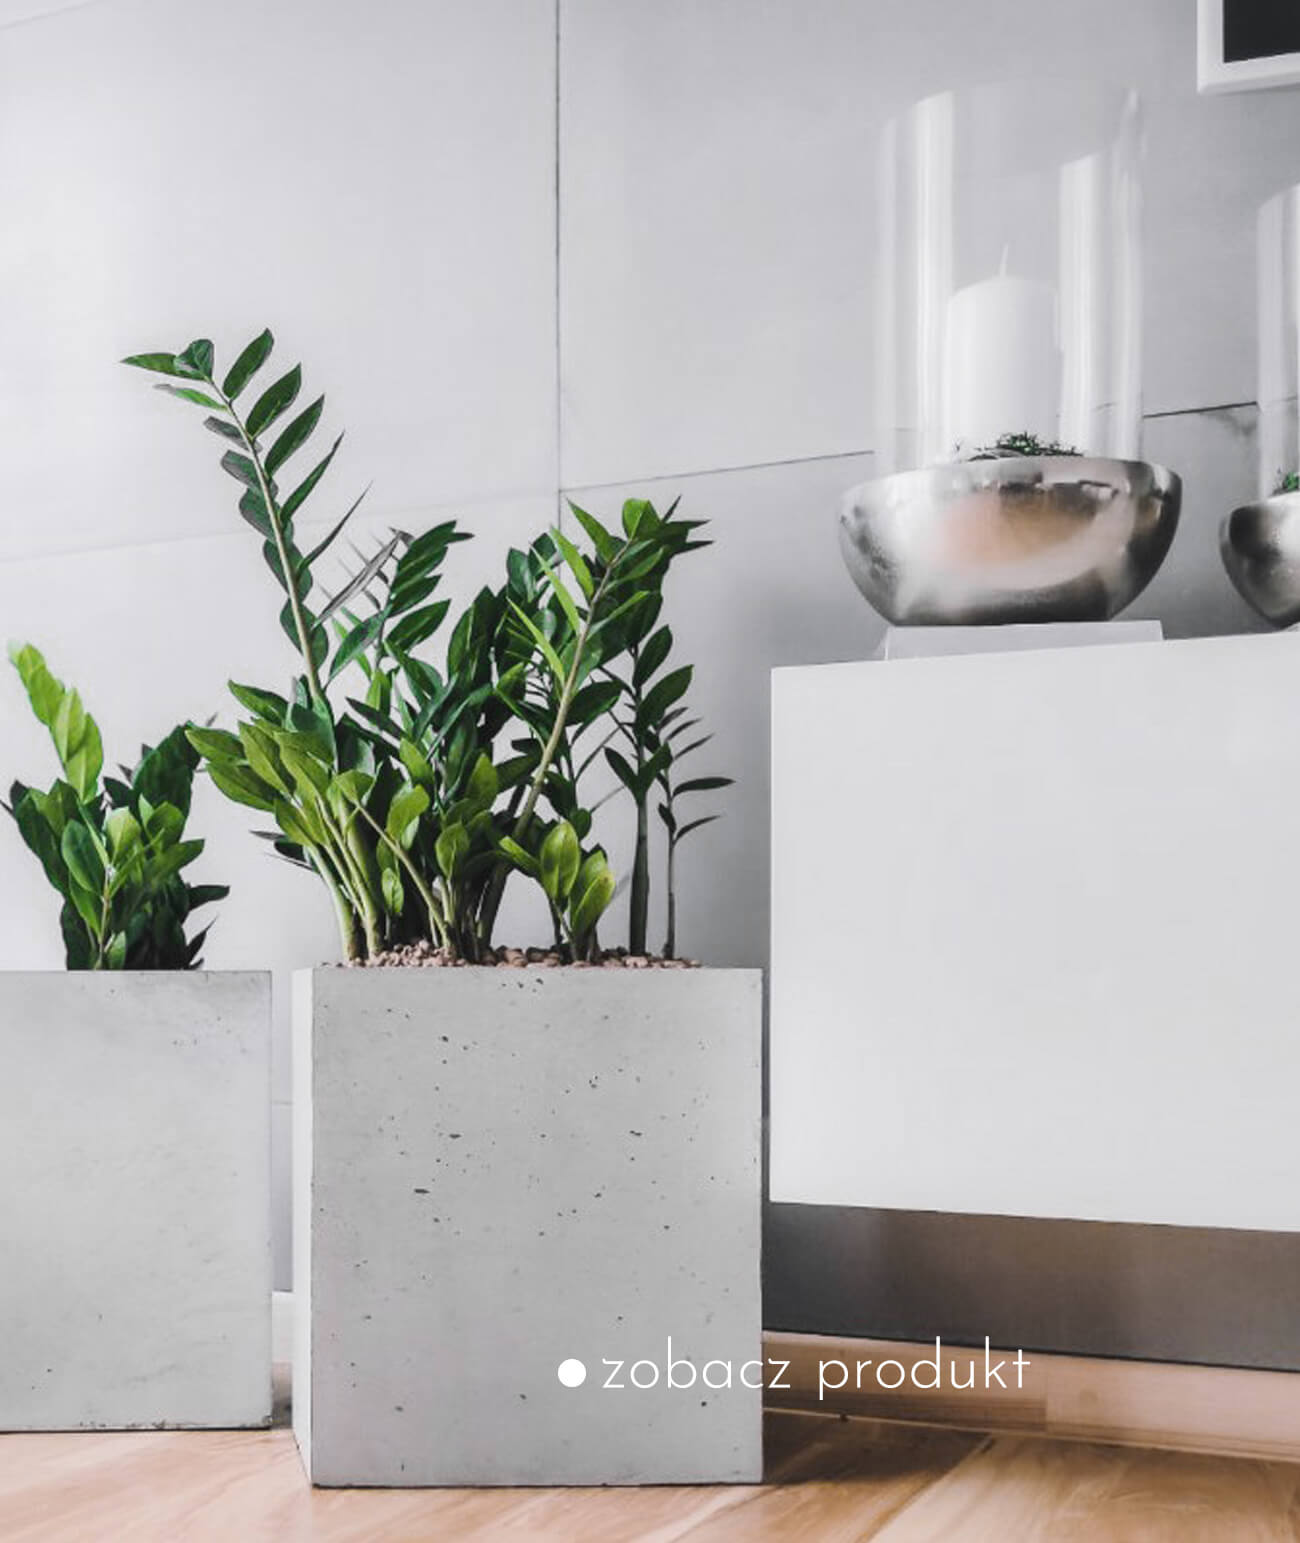 doniczki-donice-betonowe_996-21543-donica-betonowa-szara-donica-ogrodowa-beton-architektoniczny